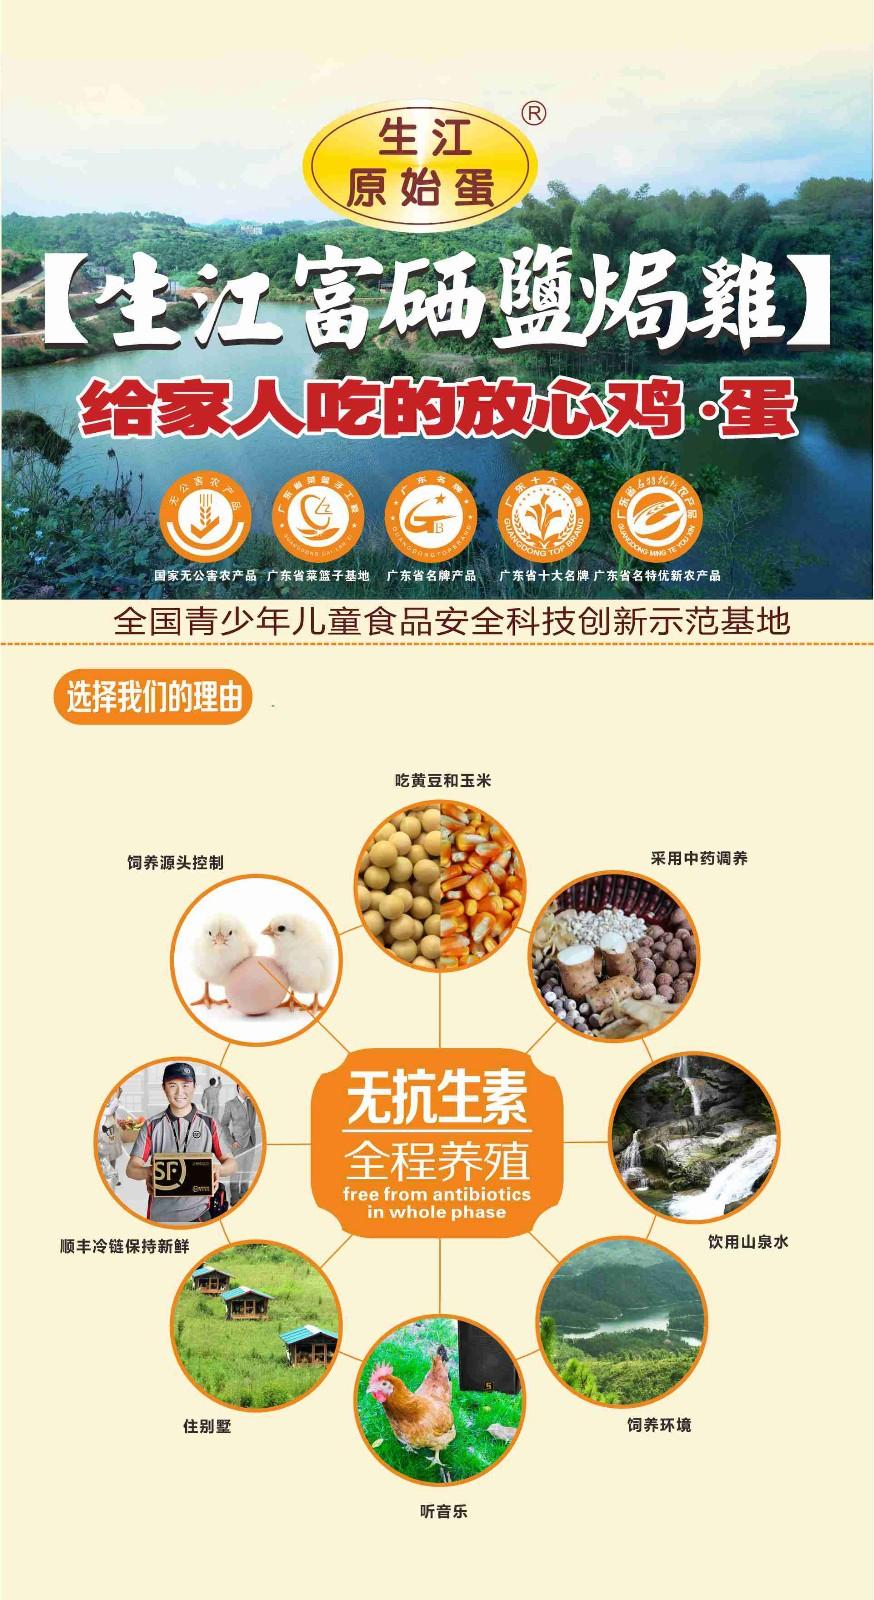 生江盐焗鸡 特色产品-罗定生江原始蛋鸡养殖有限公司